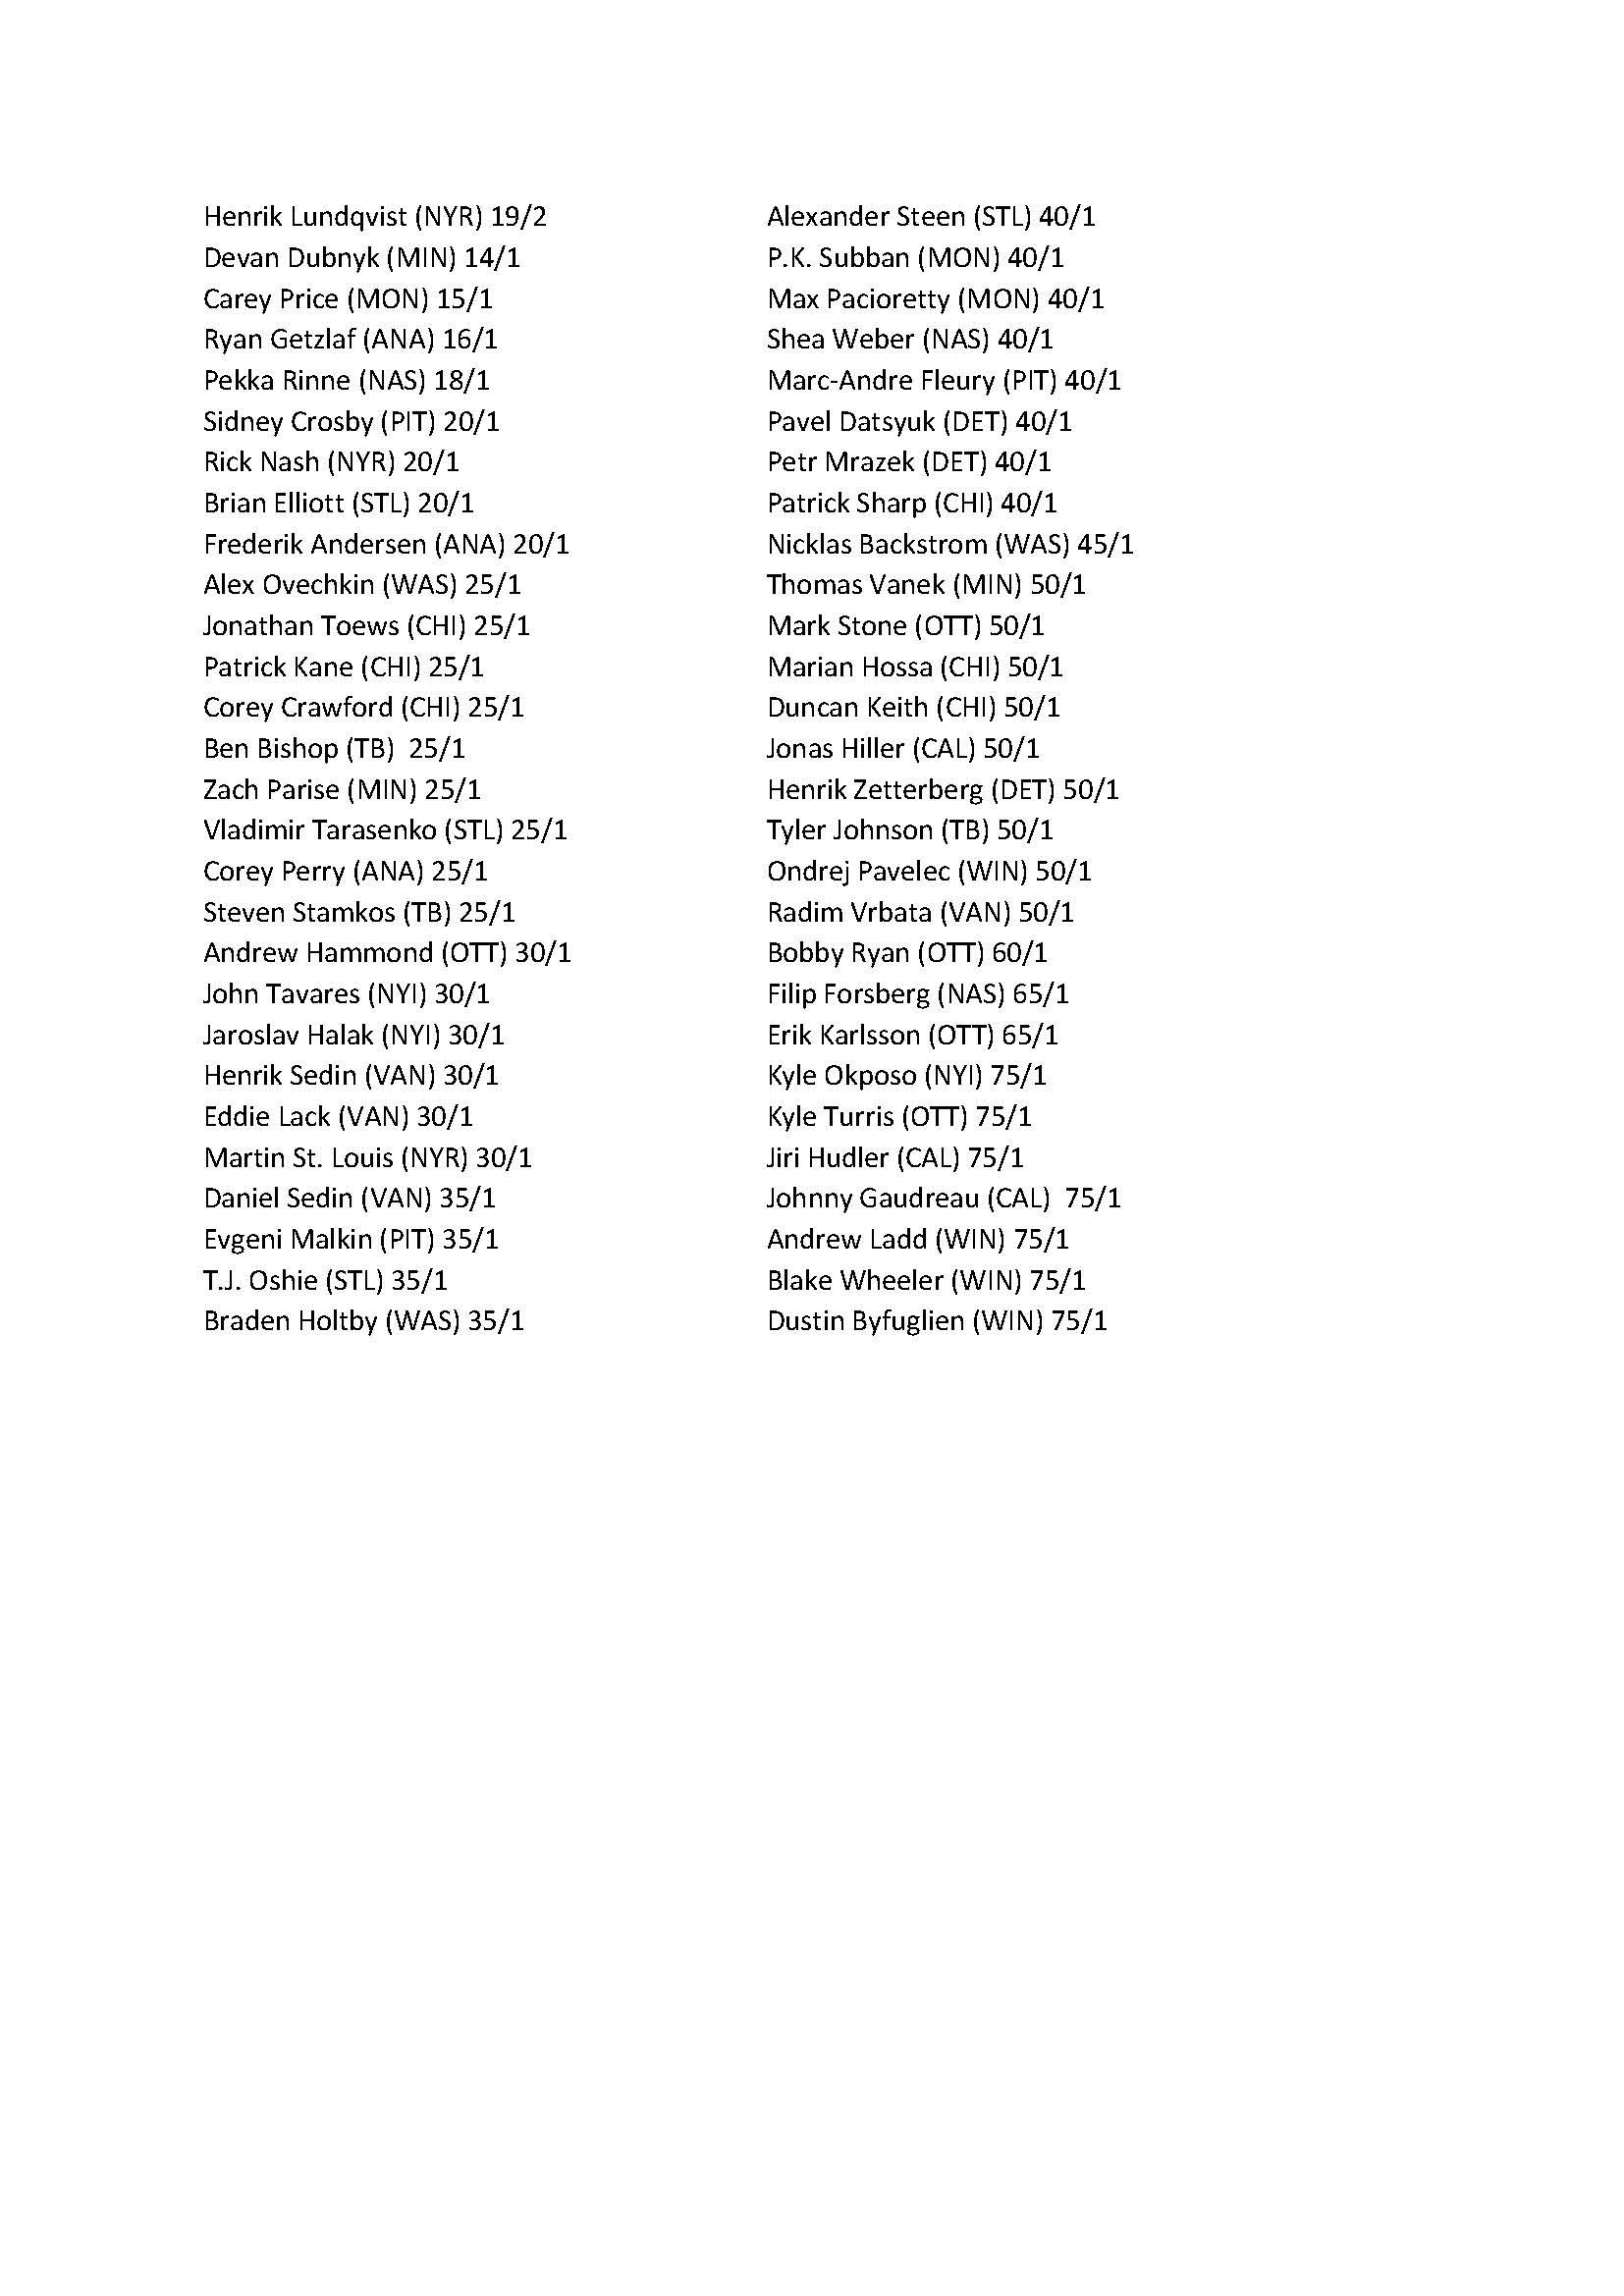 mvp odds 2015